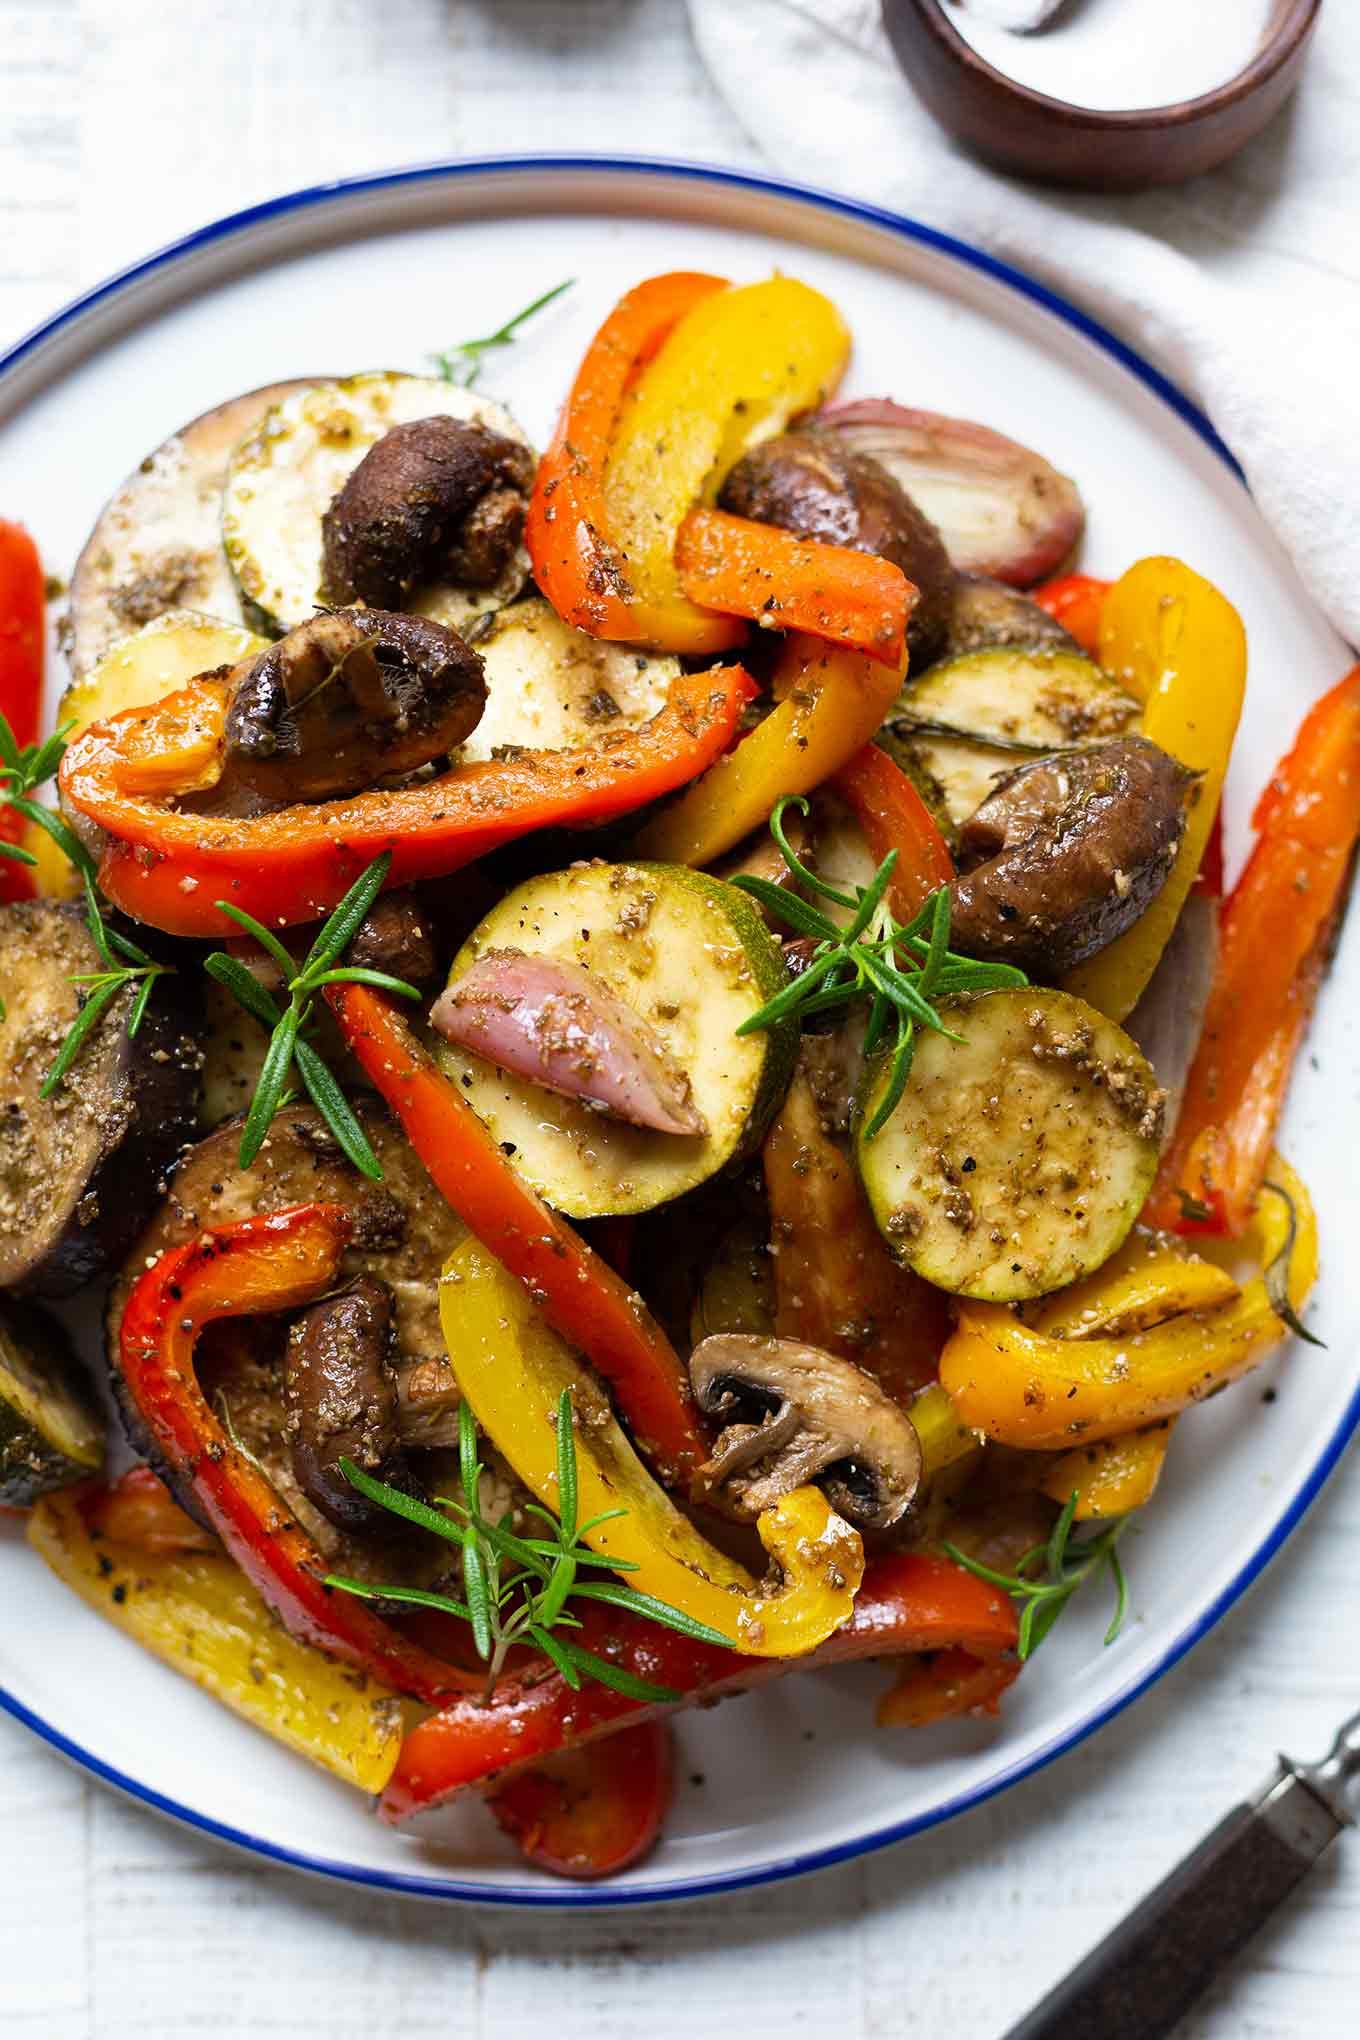 Italienische Antipasti selber machen ist super einfach! Für dieses schnelle Backofen-Rezept brauchst du nur 20 Minuten Vorbereitungszeit. - Kochkarussell.com #antipasti #rezept #schnellundeinfach #kochkarussell